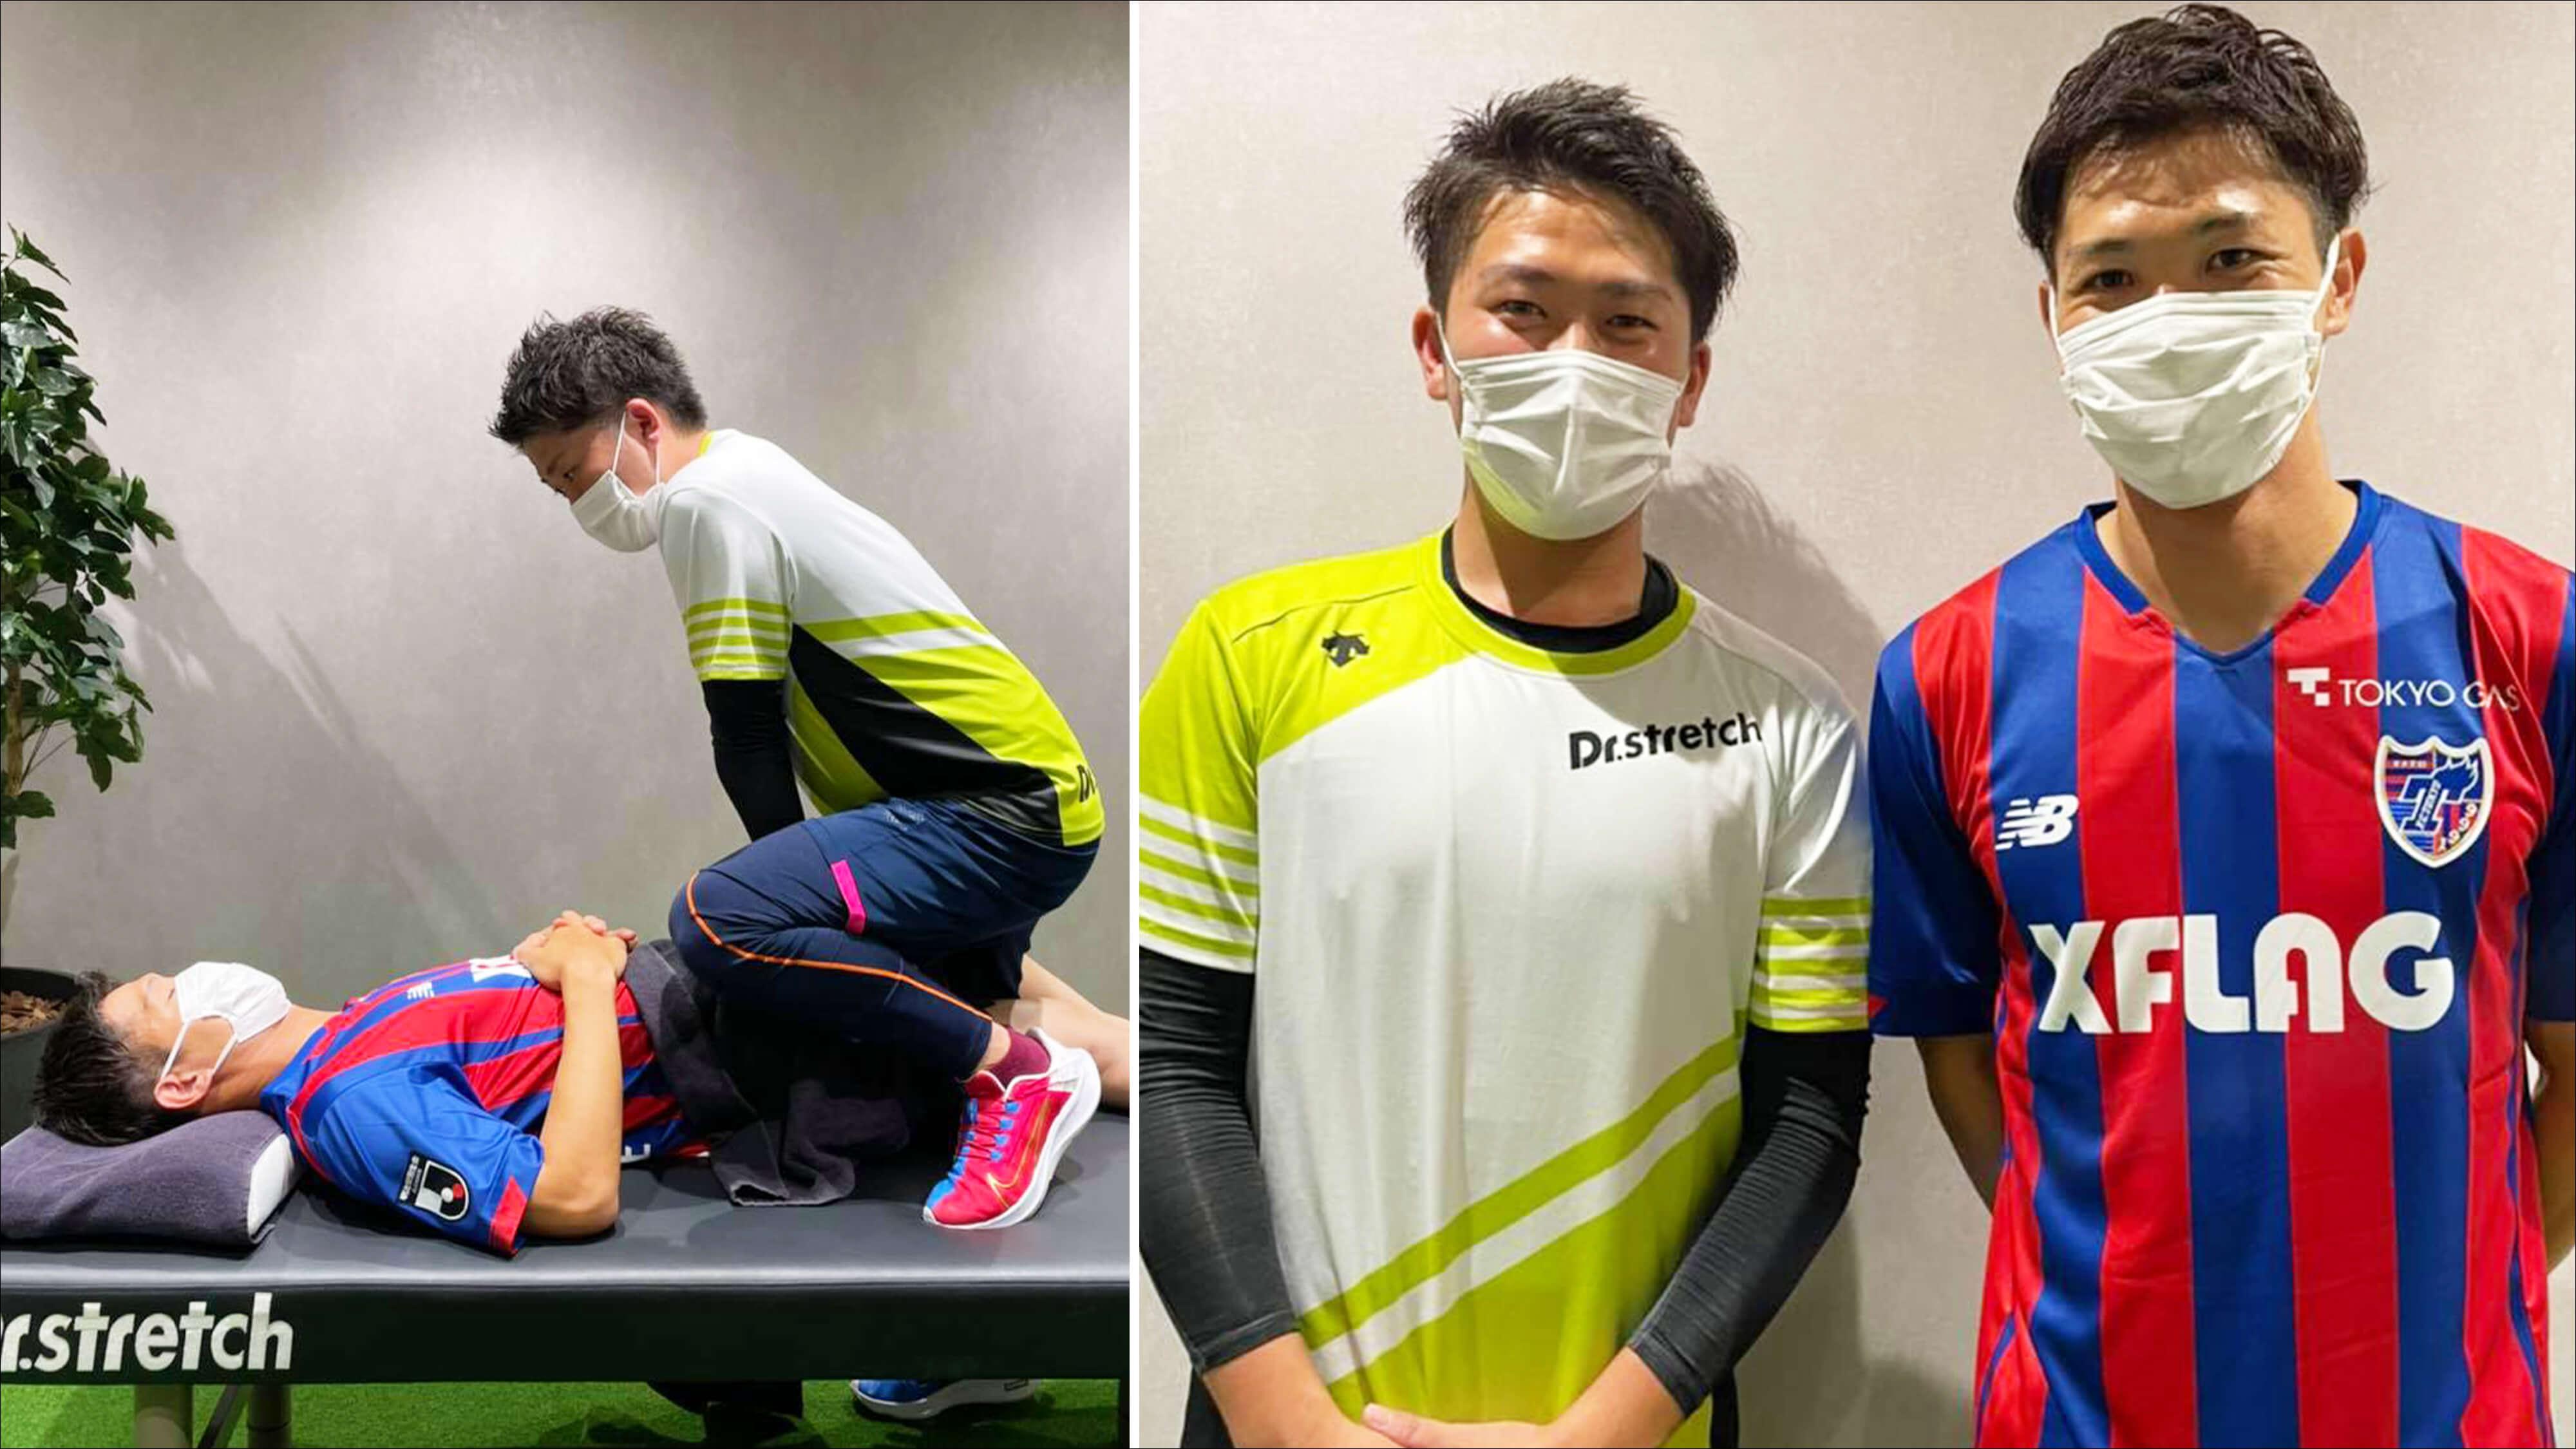 FC東京所属、元サッカー日本代表 森重真人選手がコアバランスストレッチを体感されました